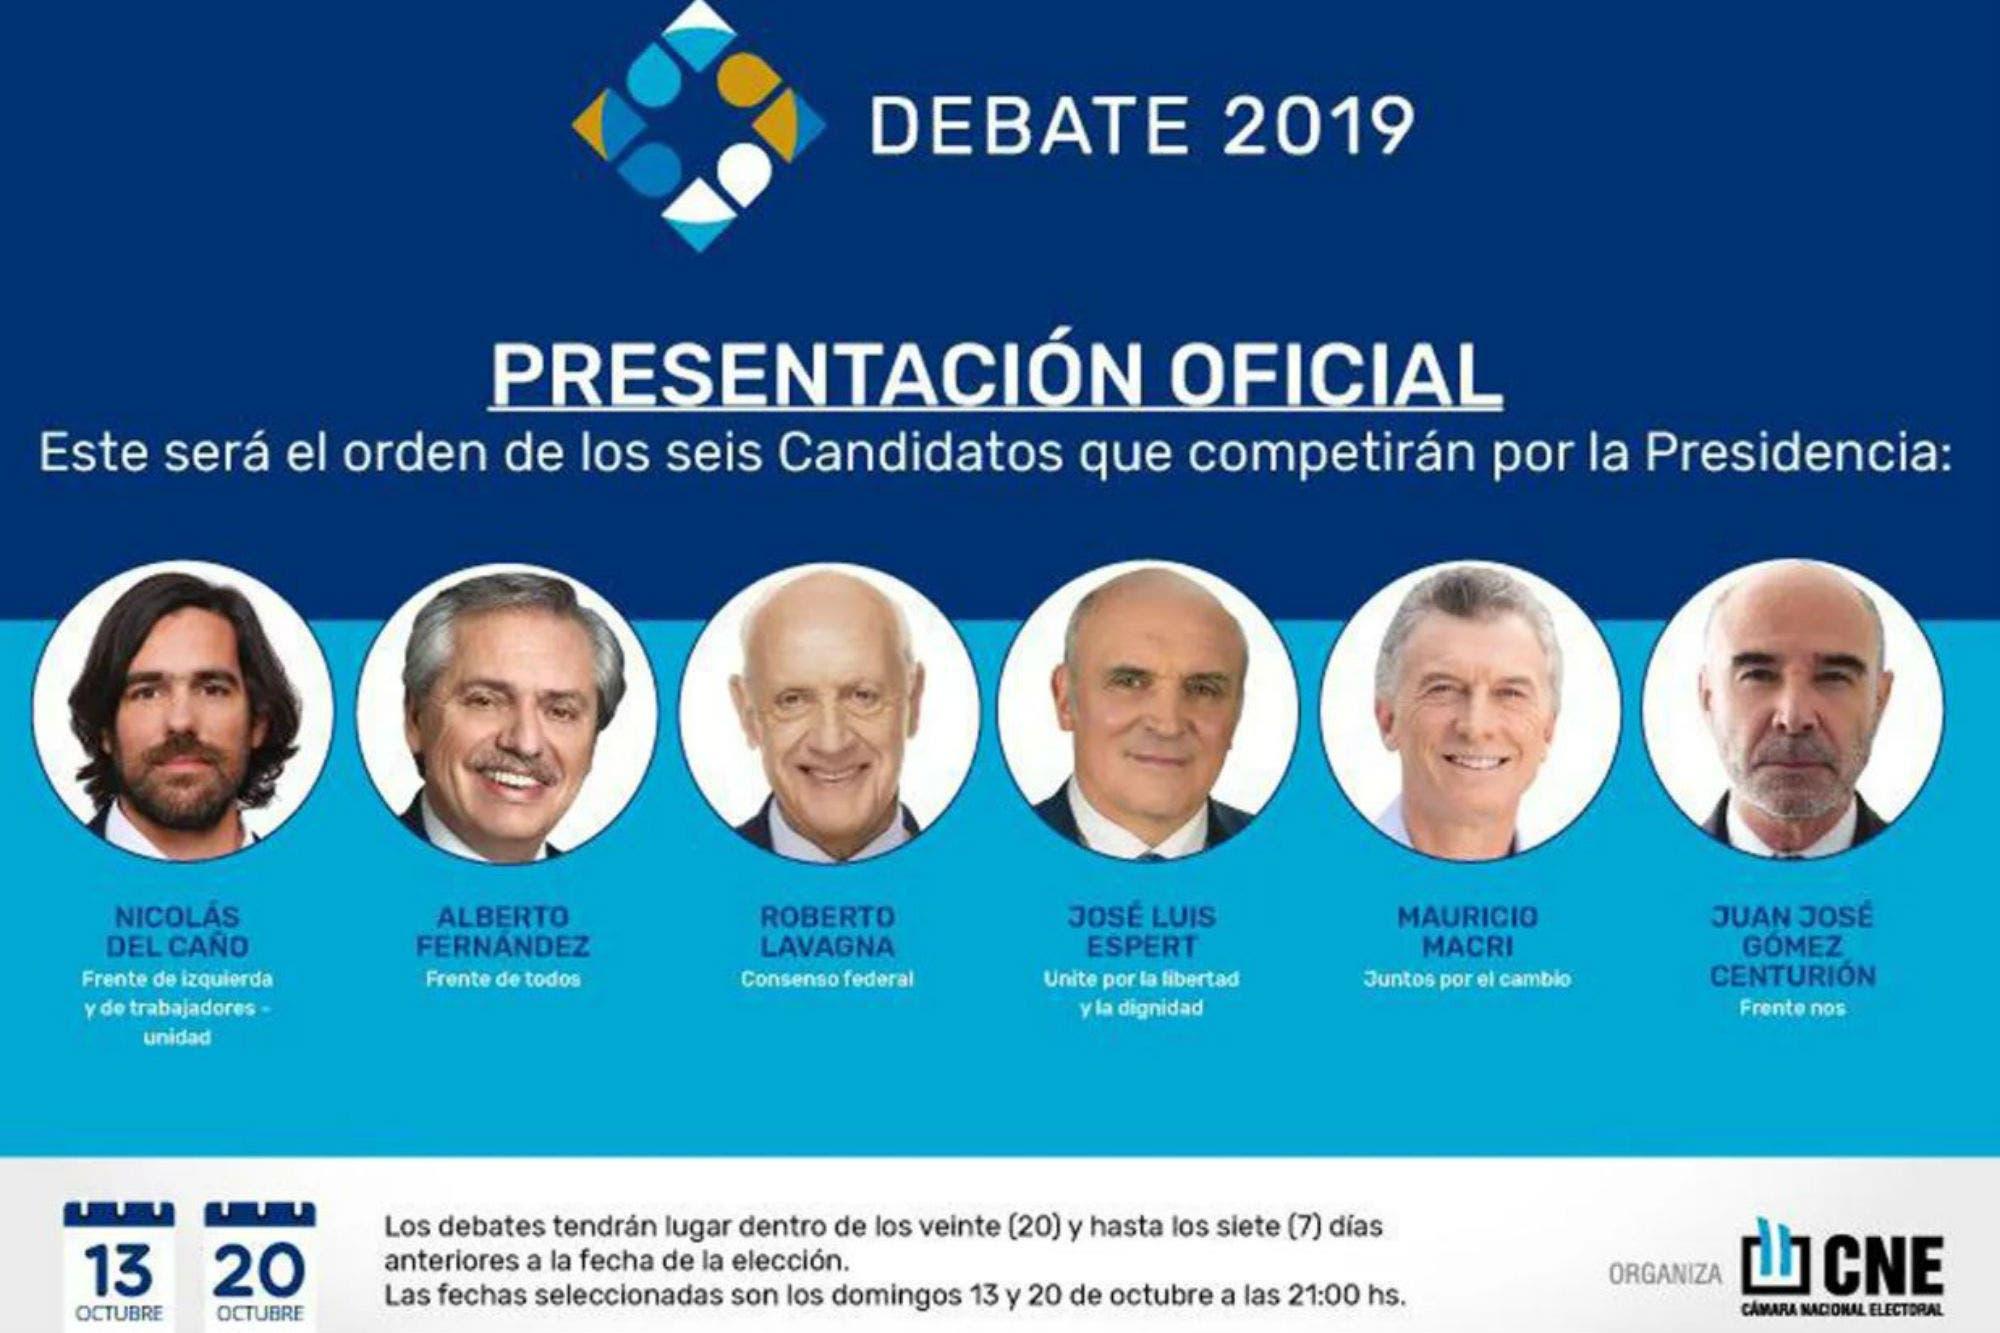 Debate presidencial en vivo: los candidatos hoy se enfrentan por primera vez